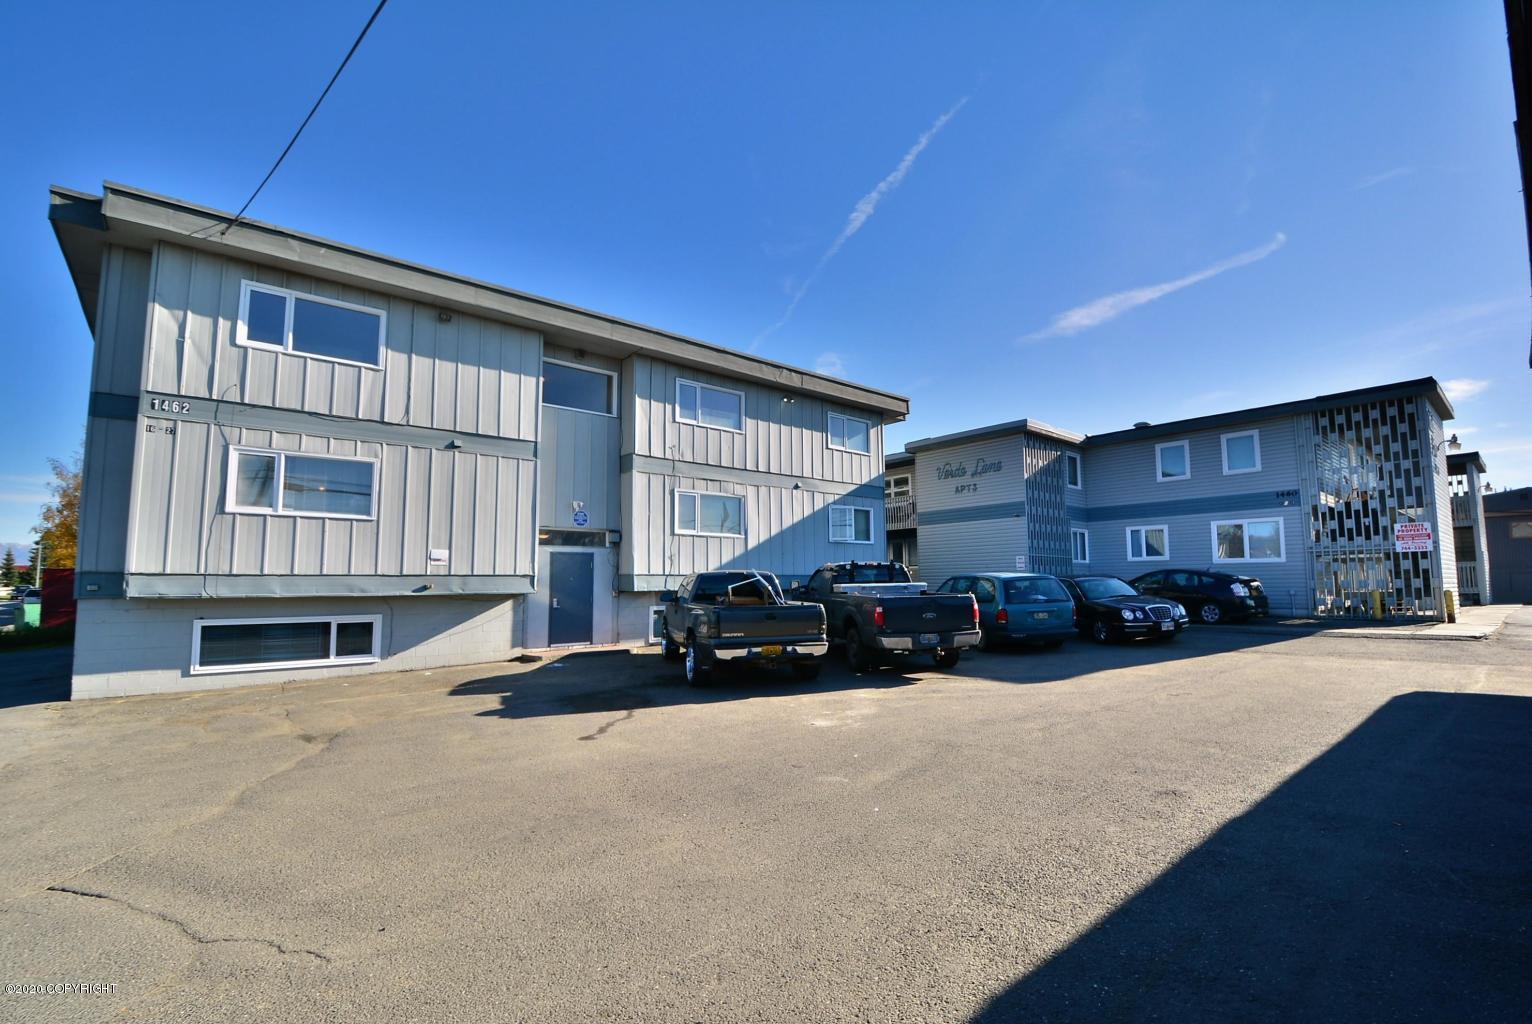 1460 W 26th Avenue, Anchorage, AK 99503